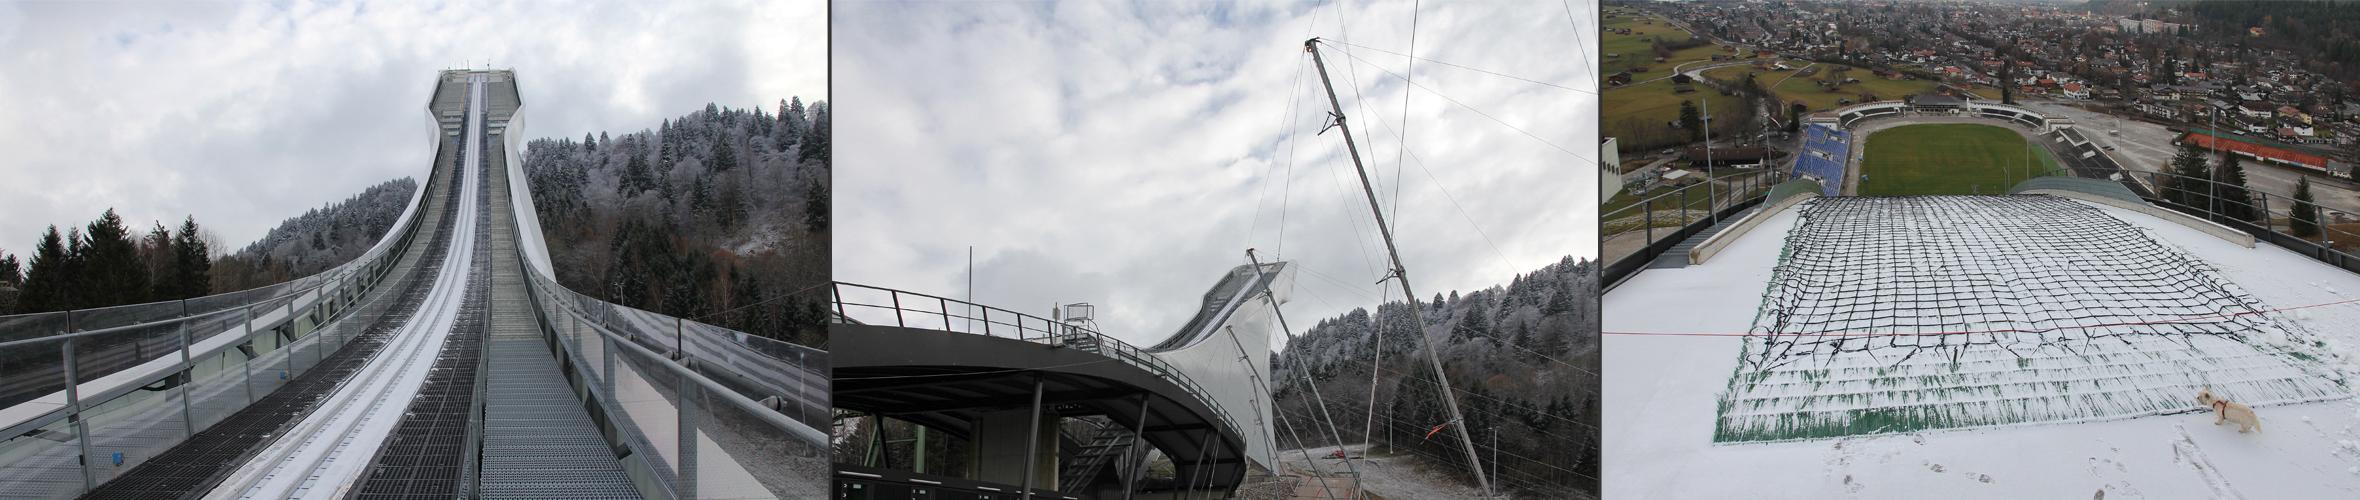 Garmisch Partenkirchen - Skischanze - Schiebepano